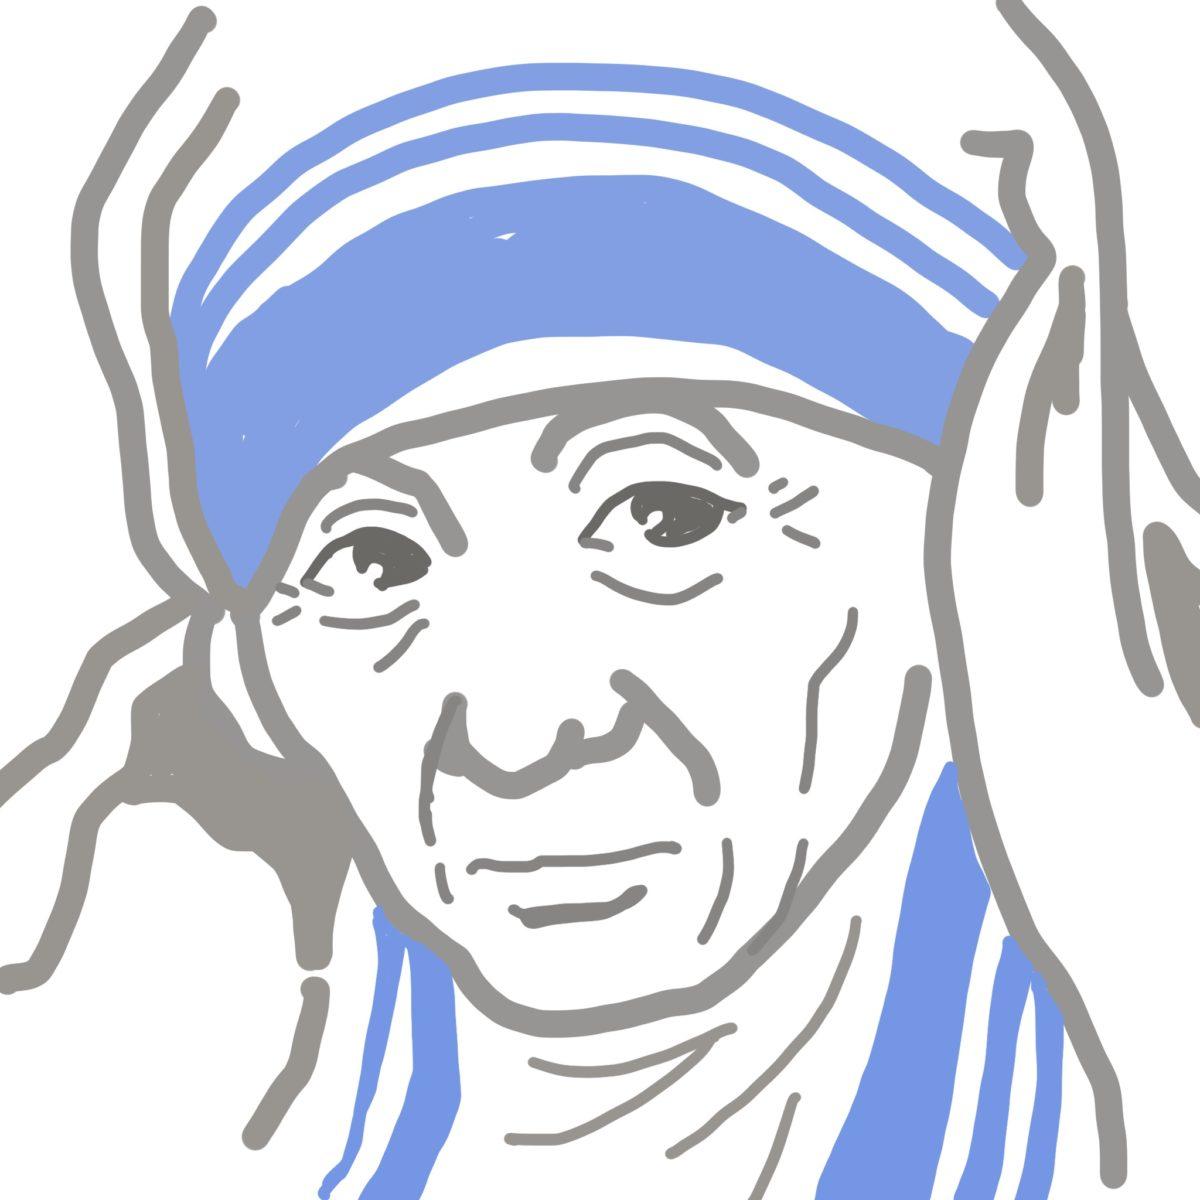 マザーテレサに対する批判「物乞いに魚を与  えるのではなく、釣り道具を与えよ。」